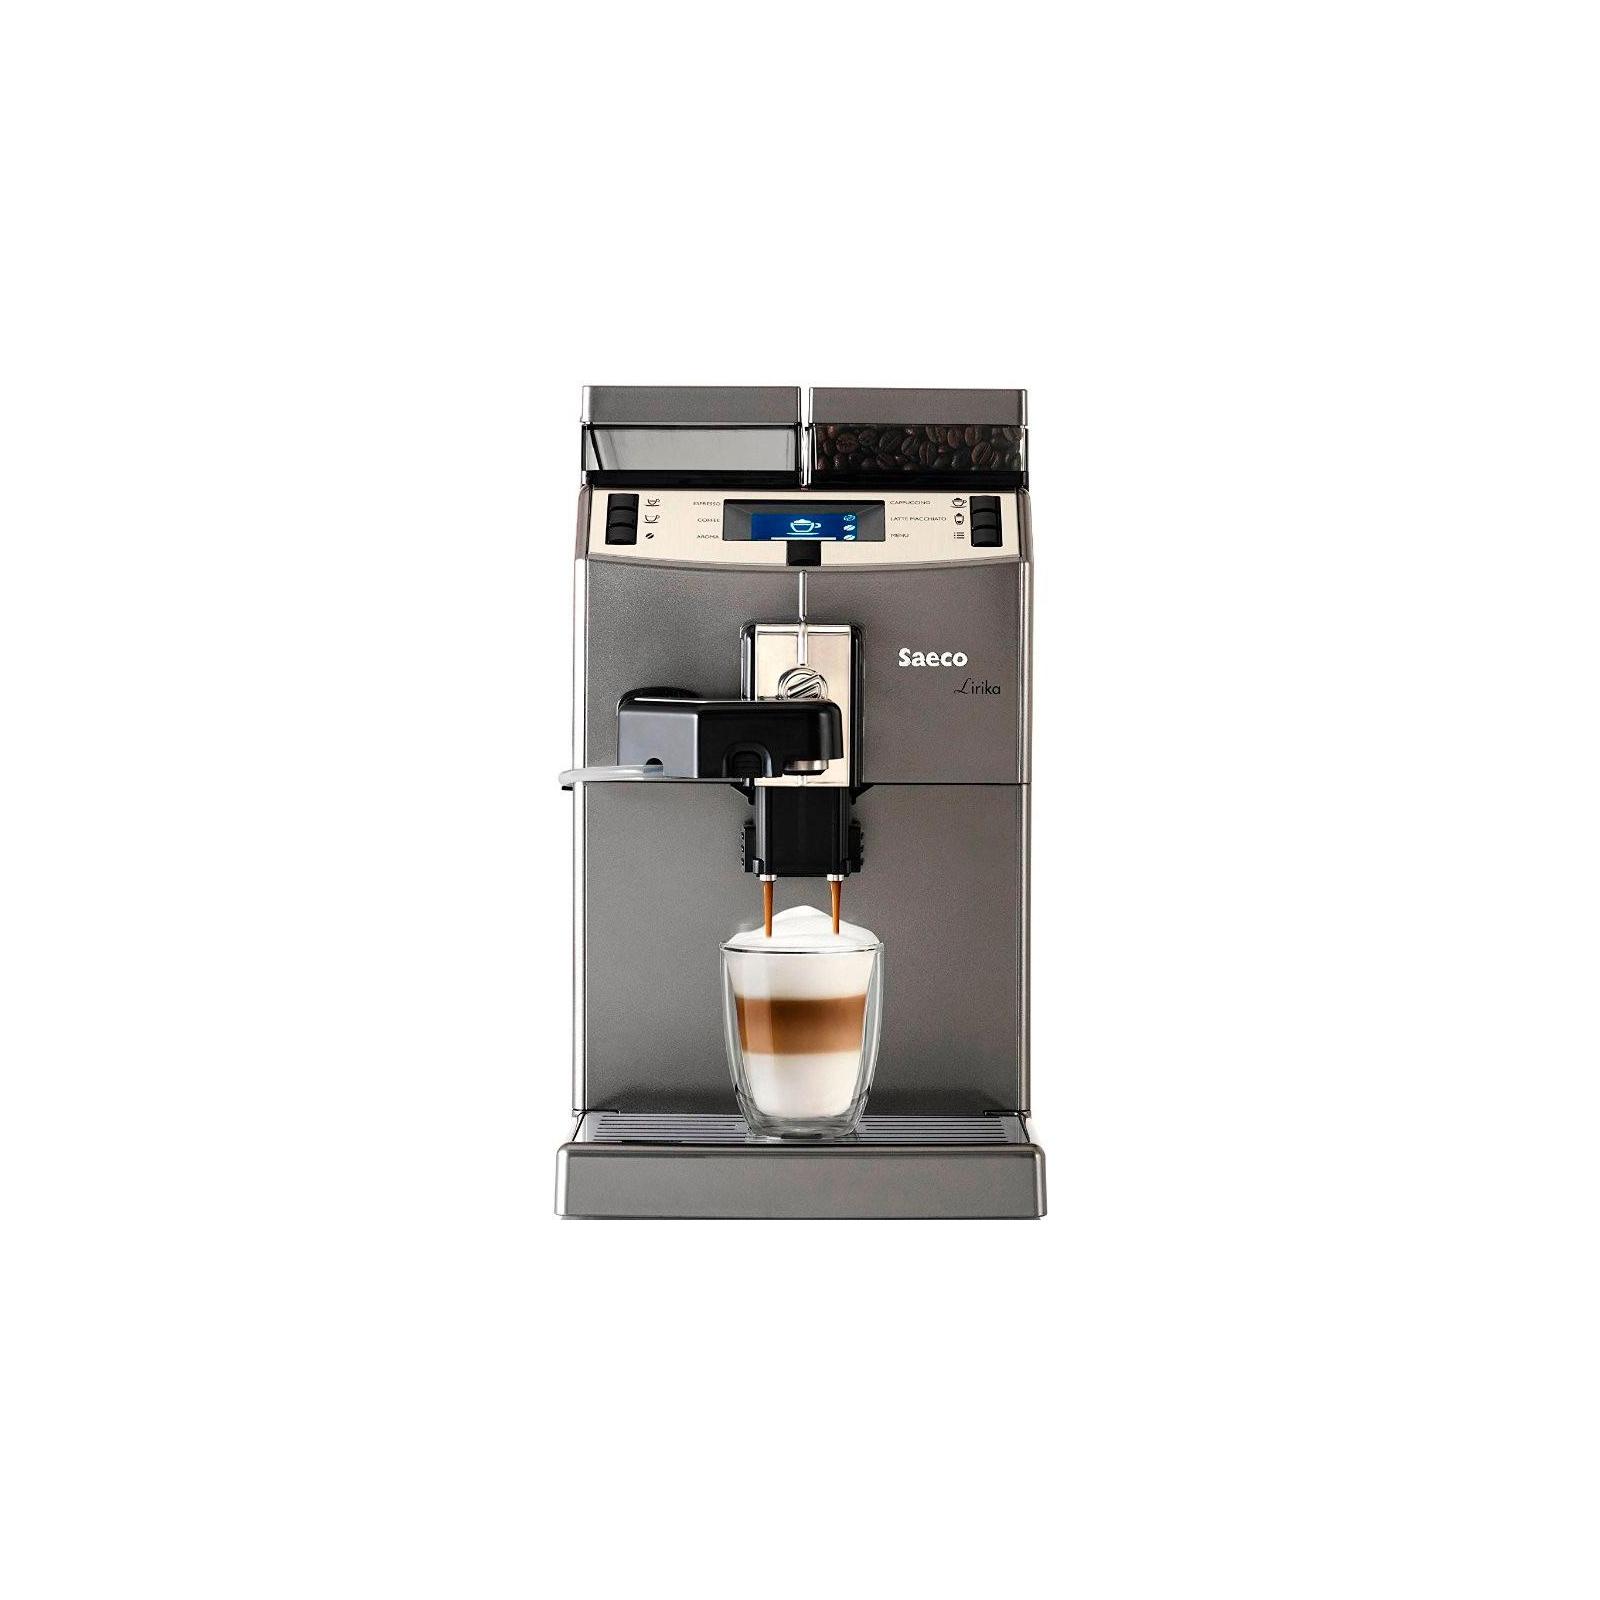 Кофеварка Saeco Lirika One Touch Cappuccino (RI9851/01) изображение 2